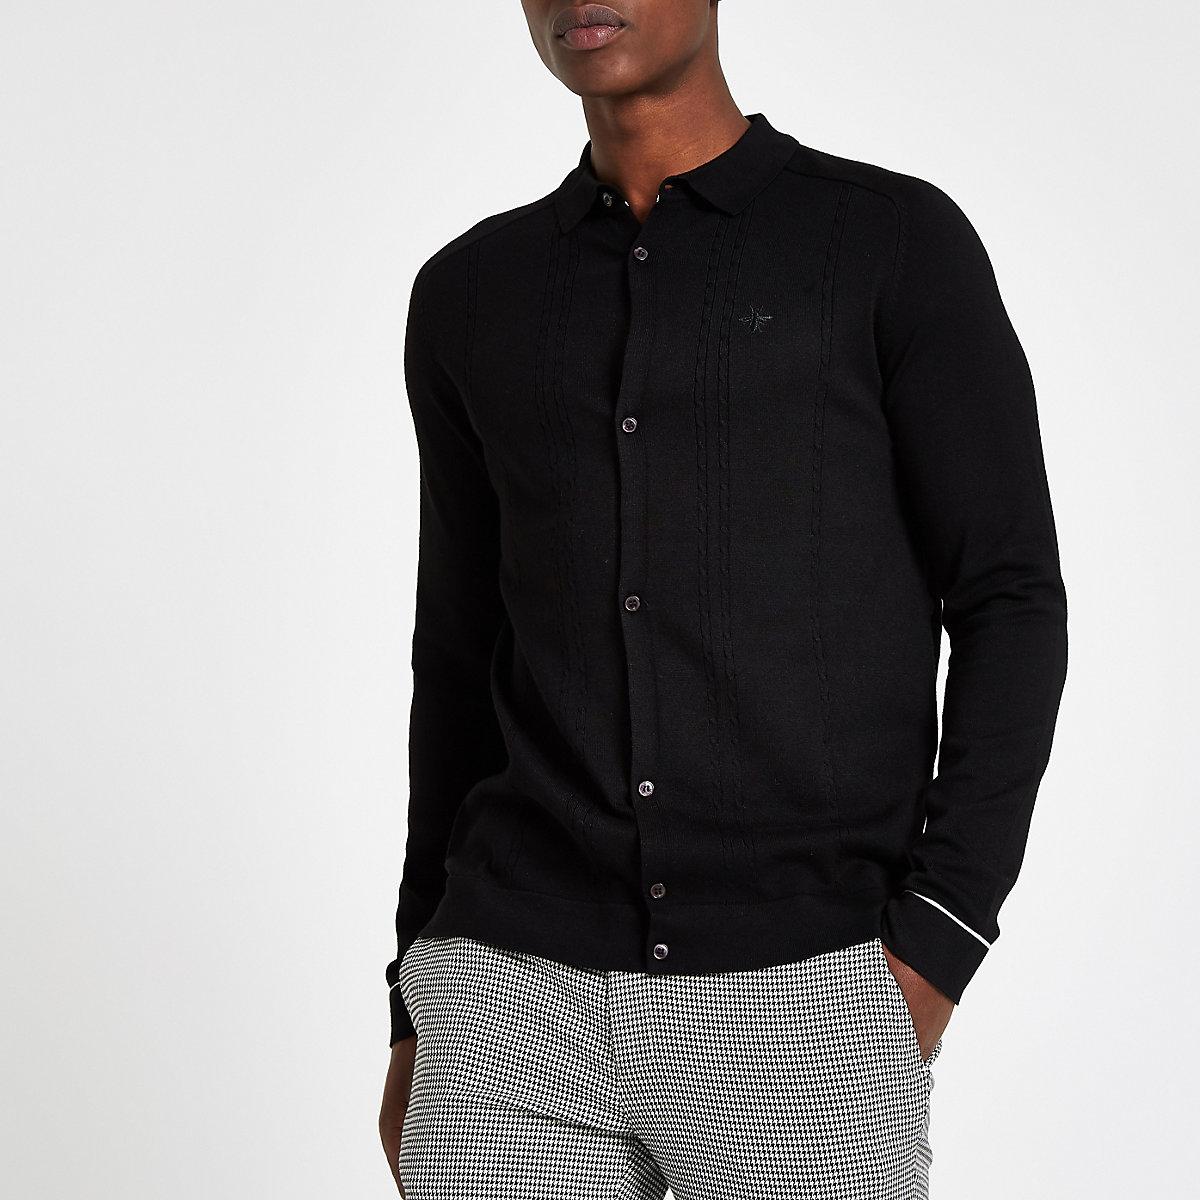 Chemise slim en maille côtelée noir à manches longues